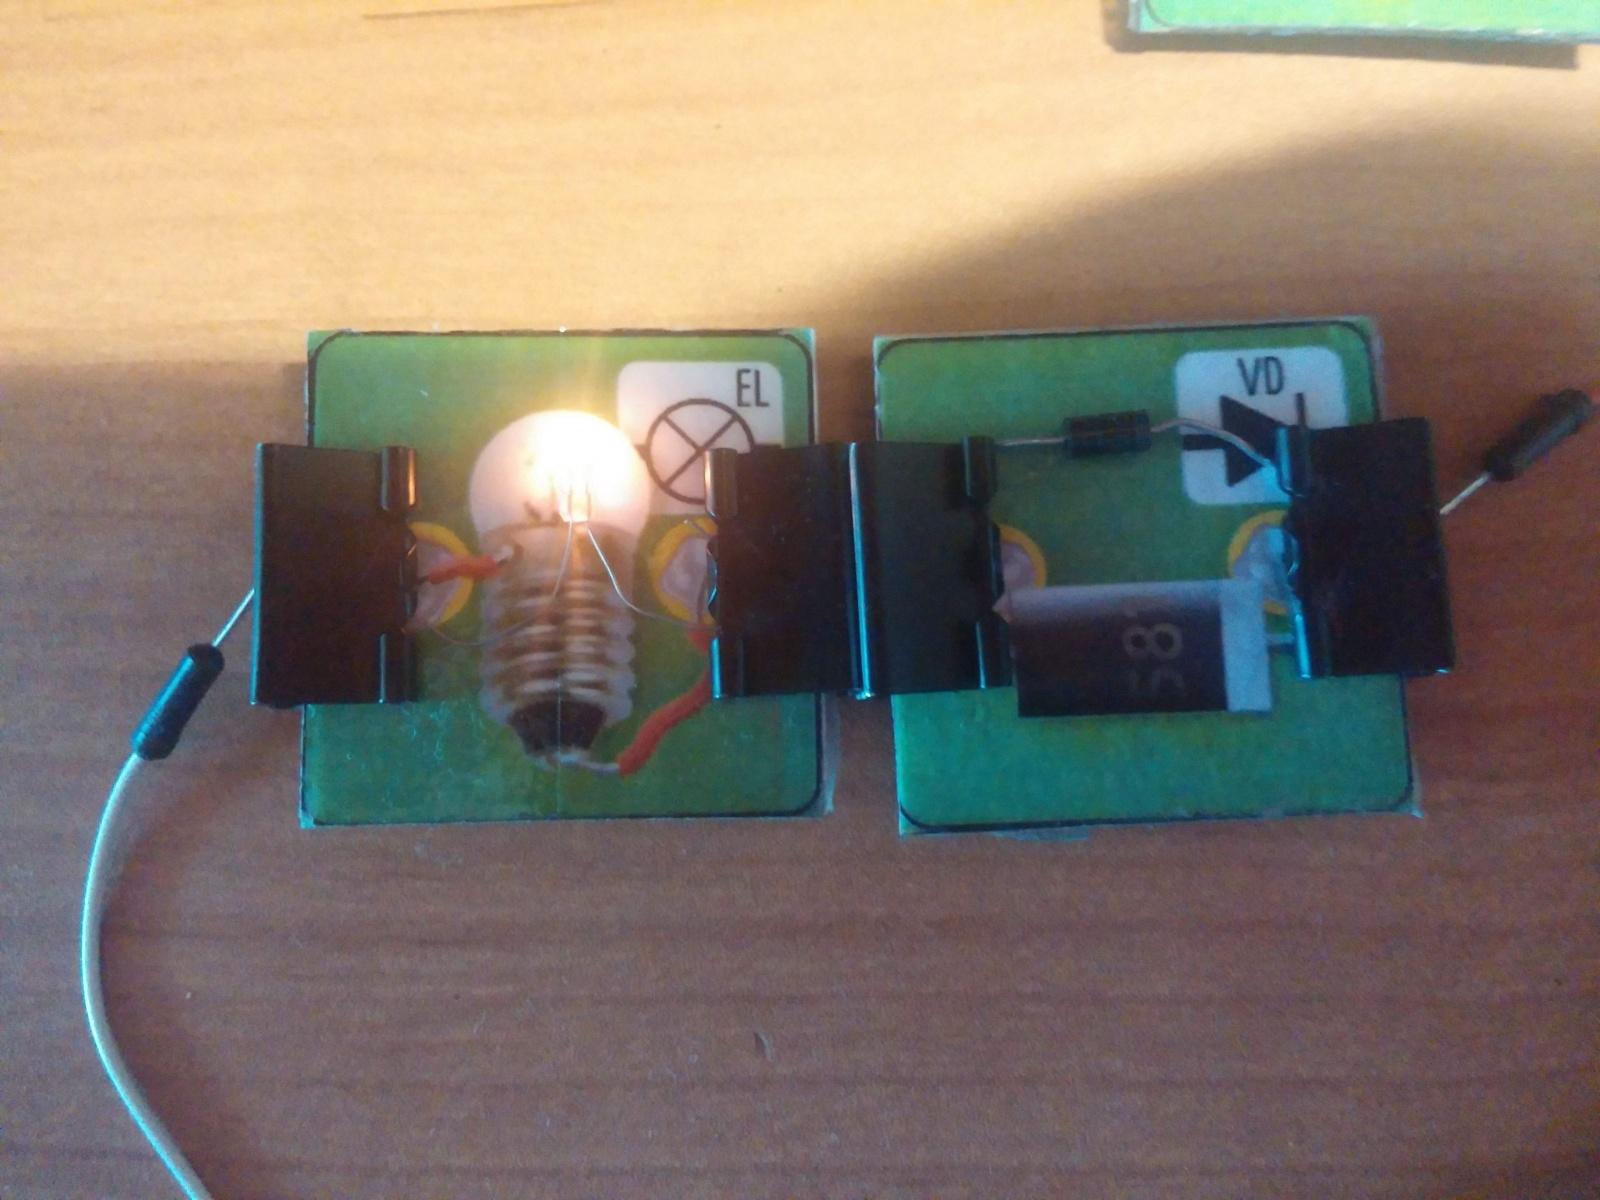 Превращаем картонную электрическую схему в настоящую или как сделать простой конструктор из настольной игры - 12